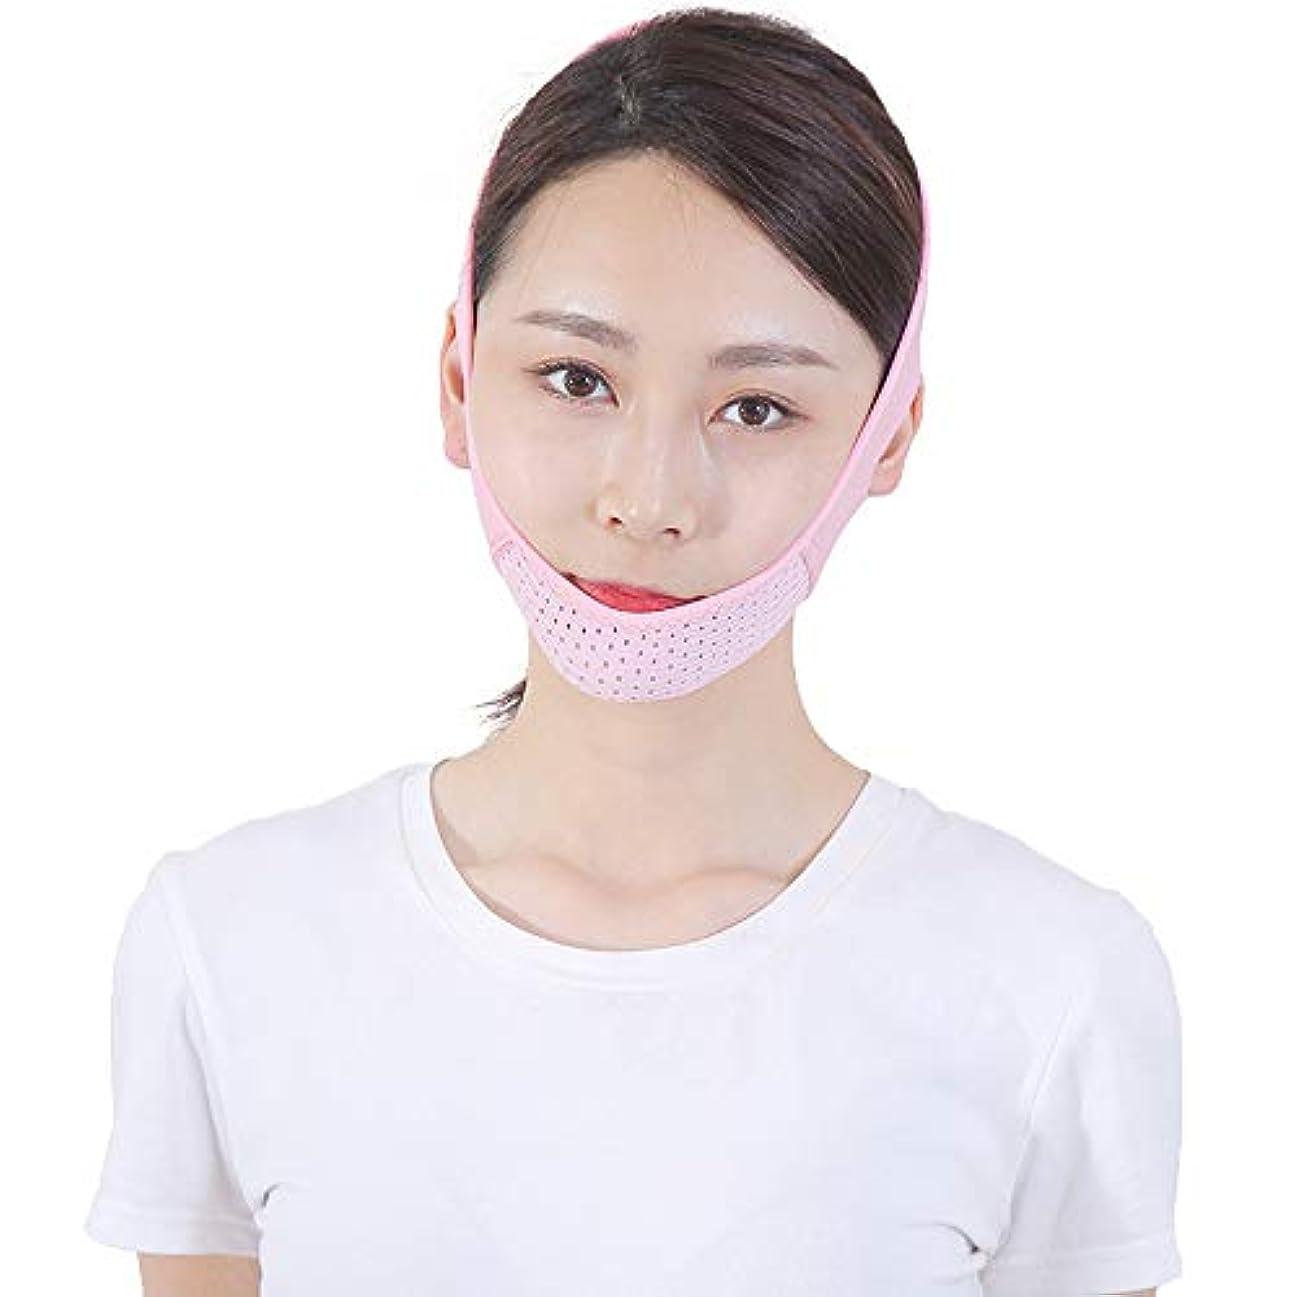 見せますナサニエル区一回フェイスリフトベルト 薄い顔のベルト - 薄い顔のベルト通気性のある顔の包帯ダブルチンの顔リフトの人工物Vのフェイスベルト薄い顔のマスク